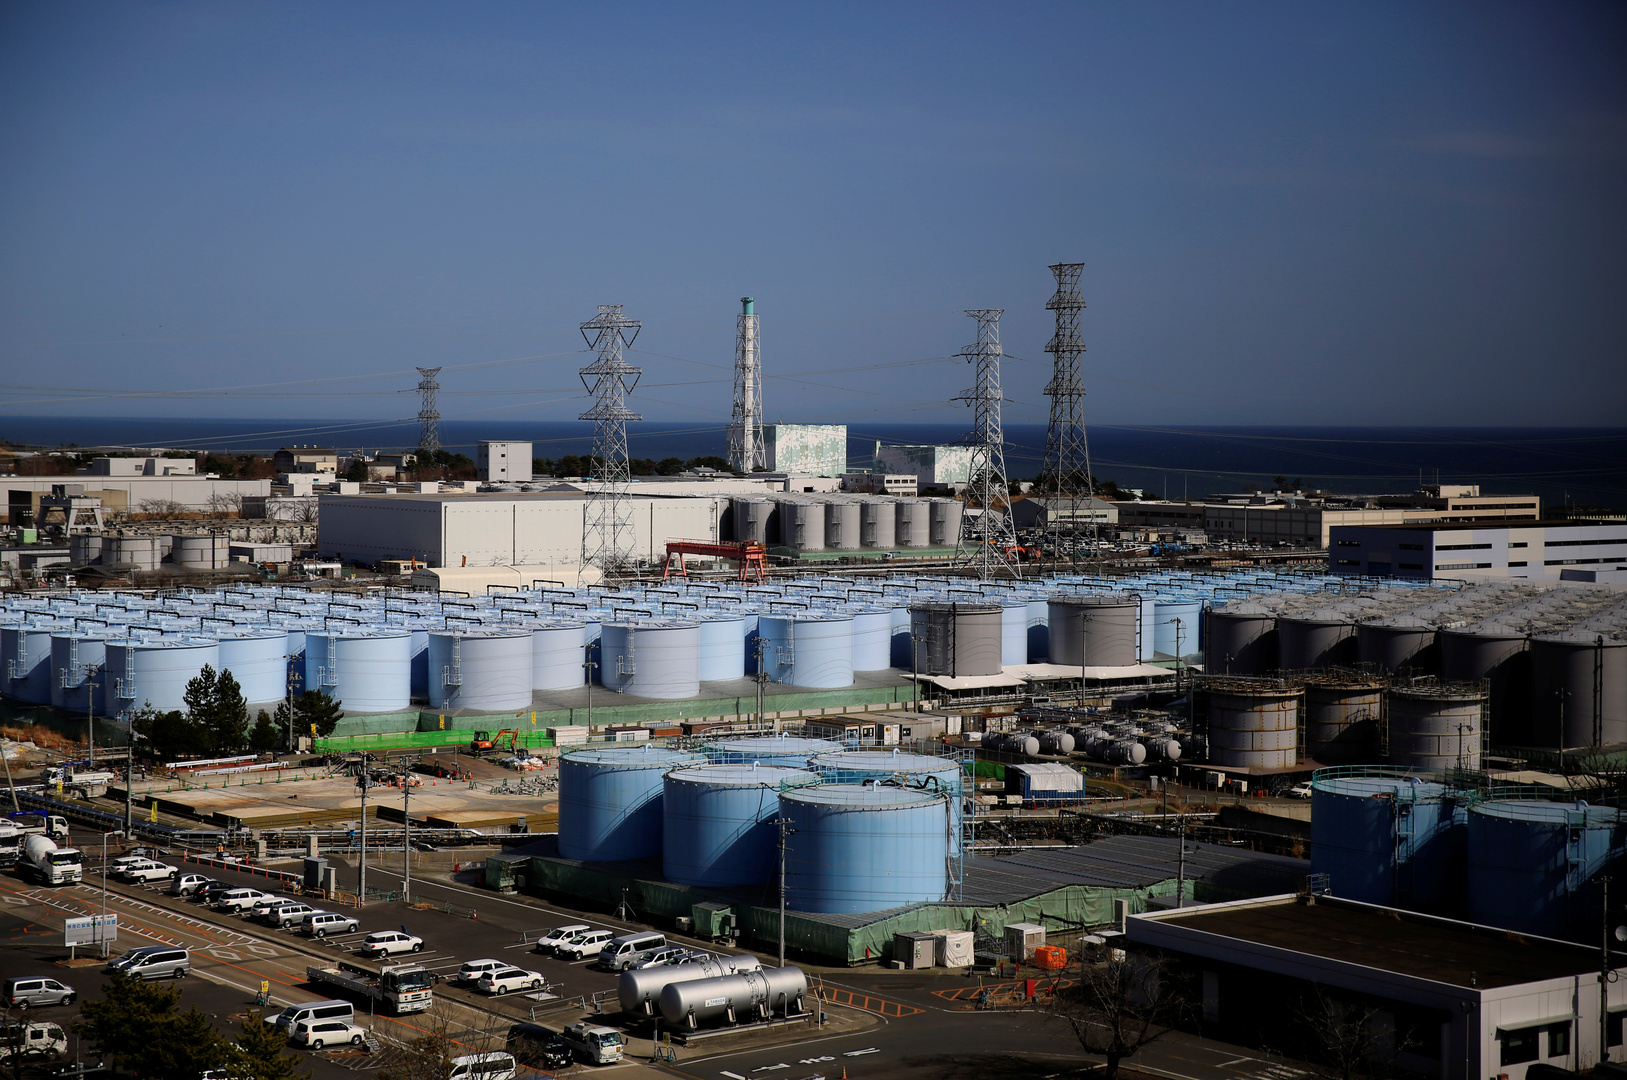 صهاريج تخزين المياه المعالجة في محطة فوكوشيما للطاقة النووية في مدينة أوكوما اليابان